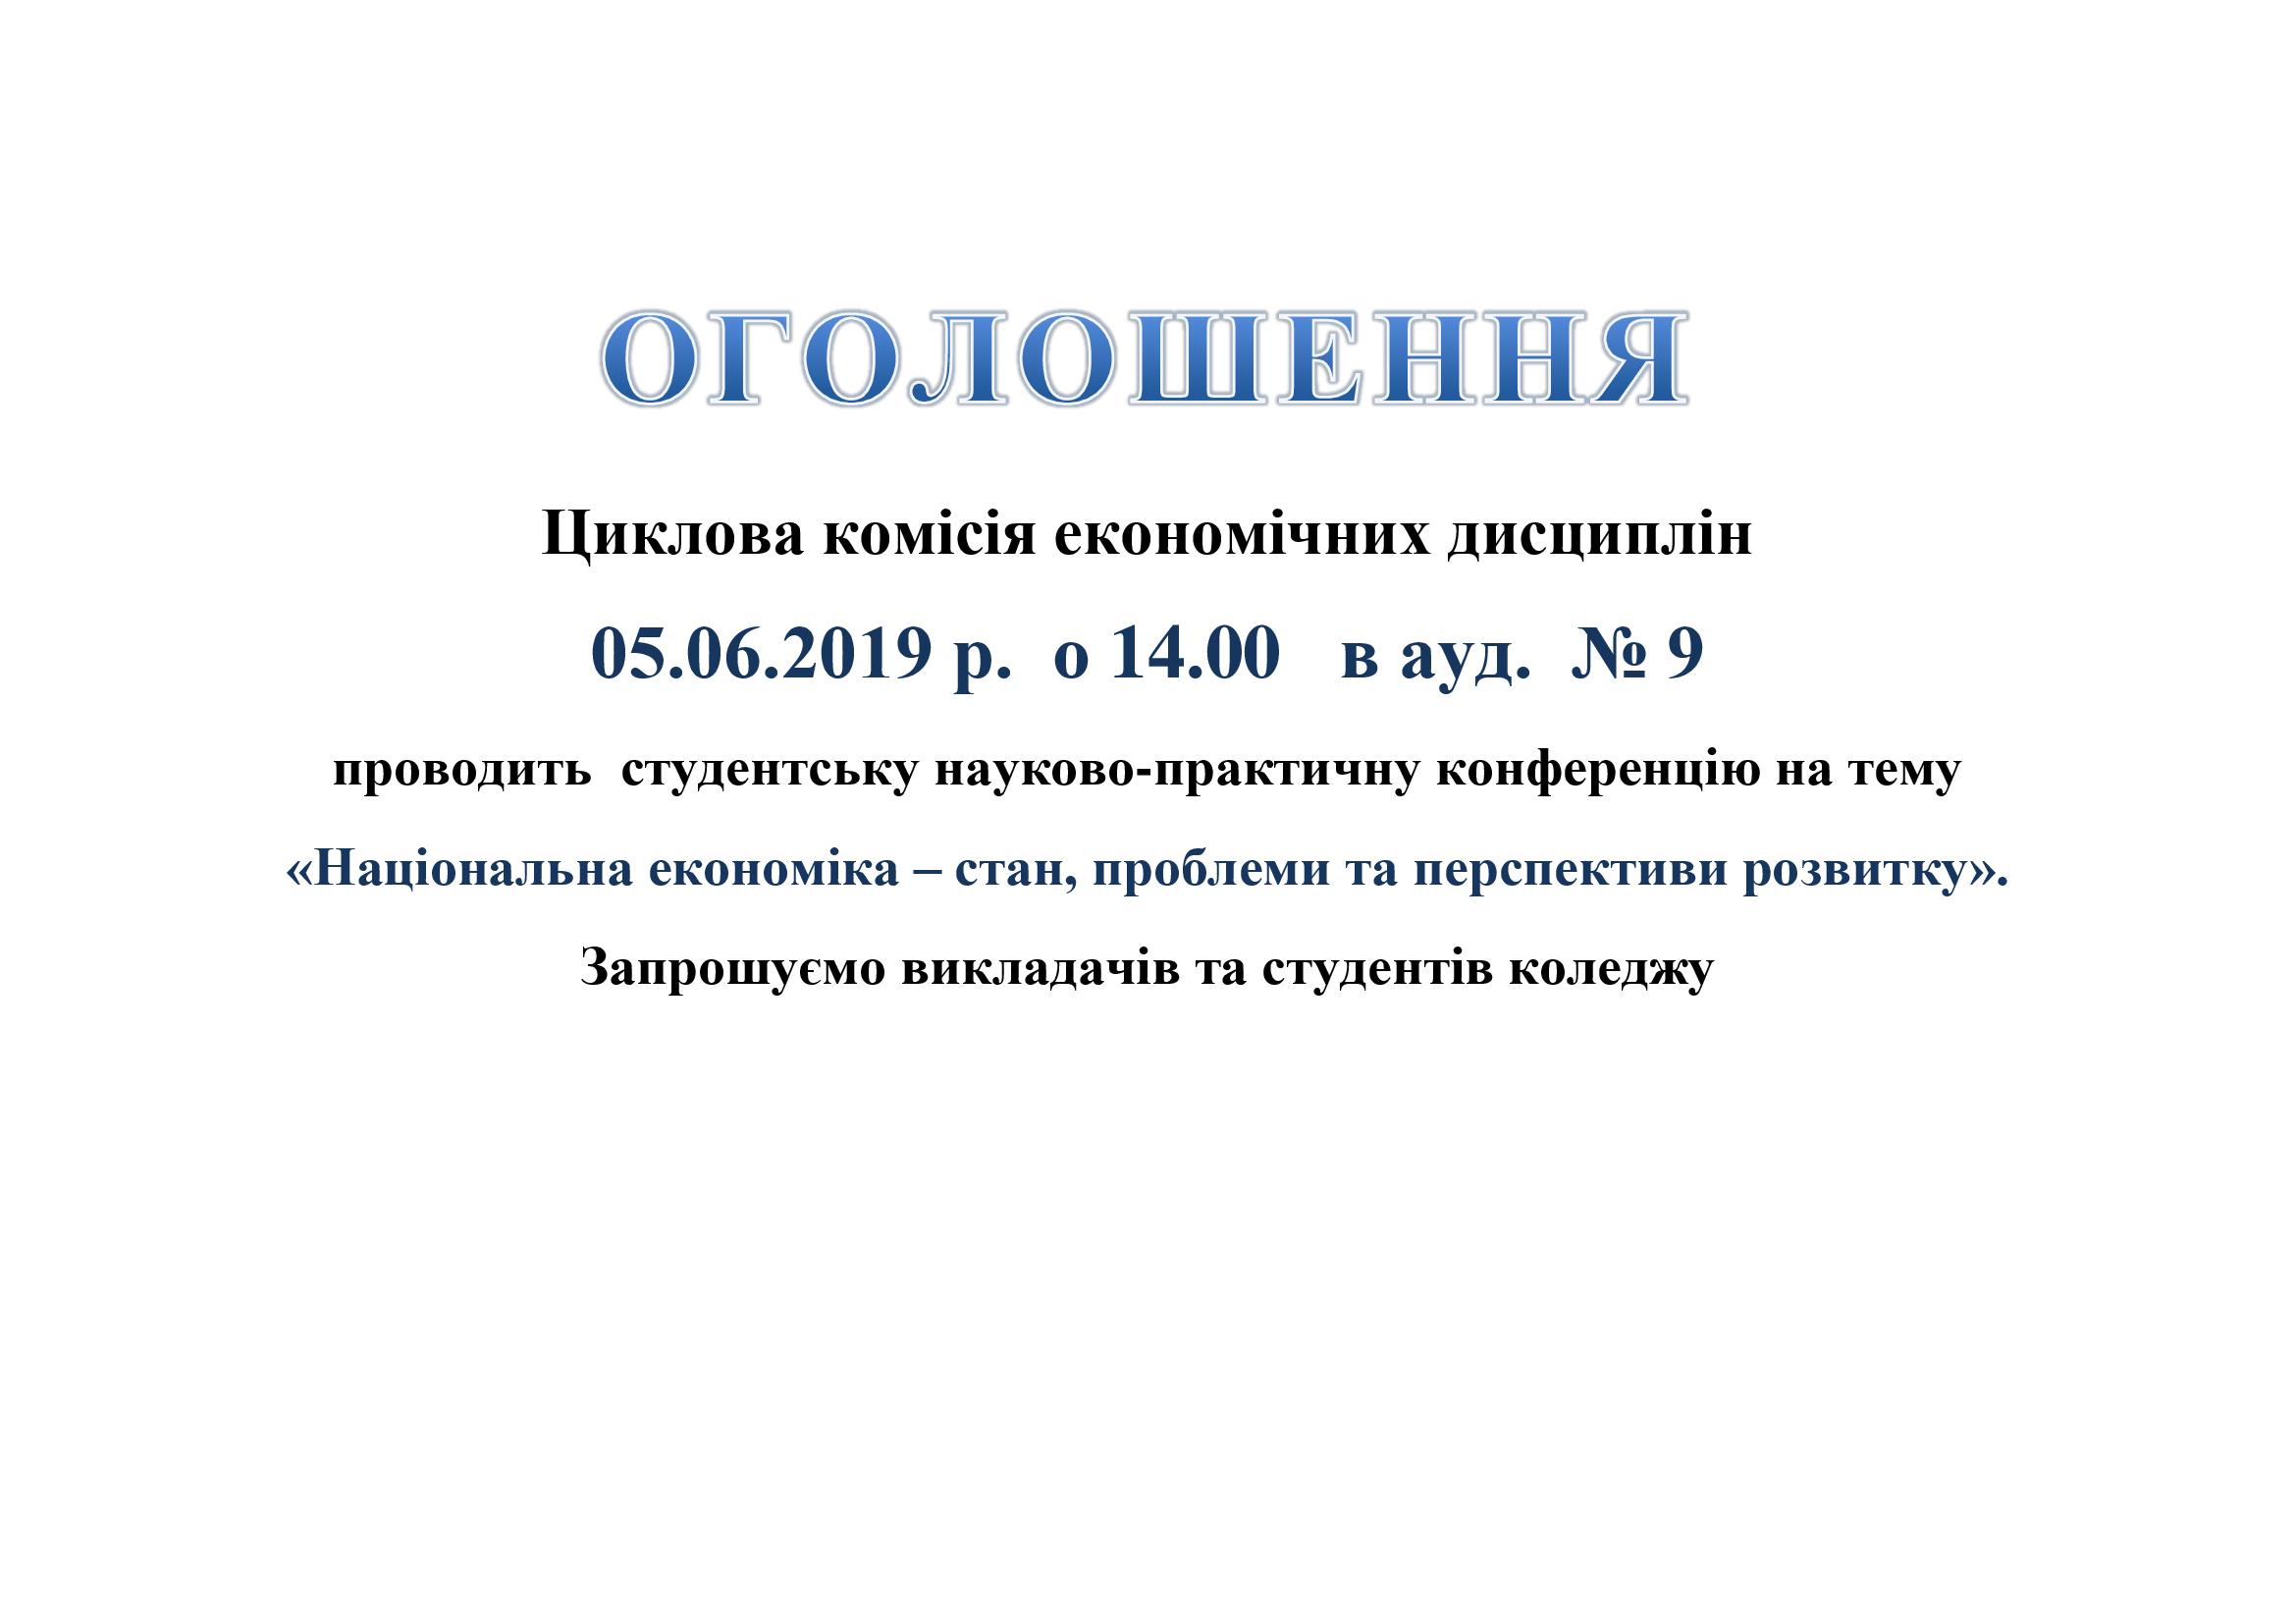 Циклова-комісія-економічних-дисциплін